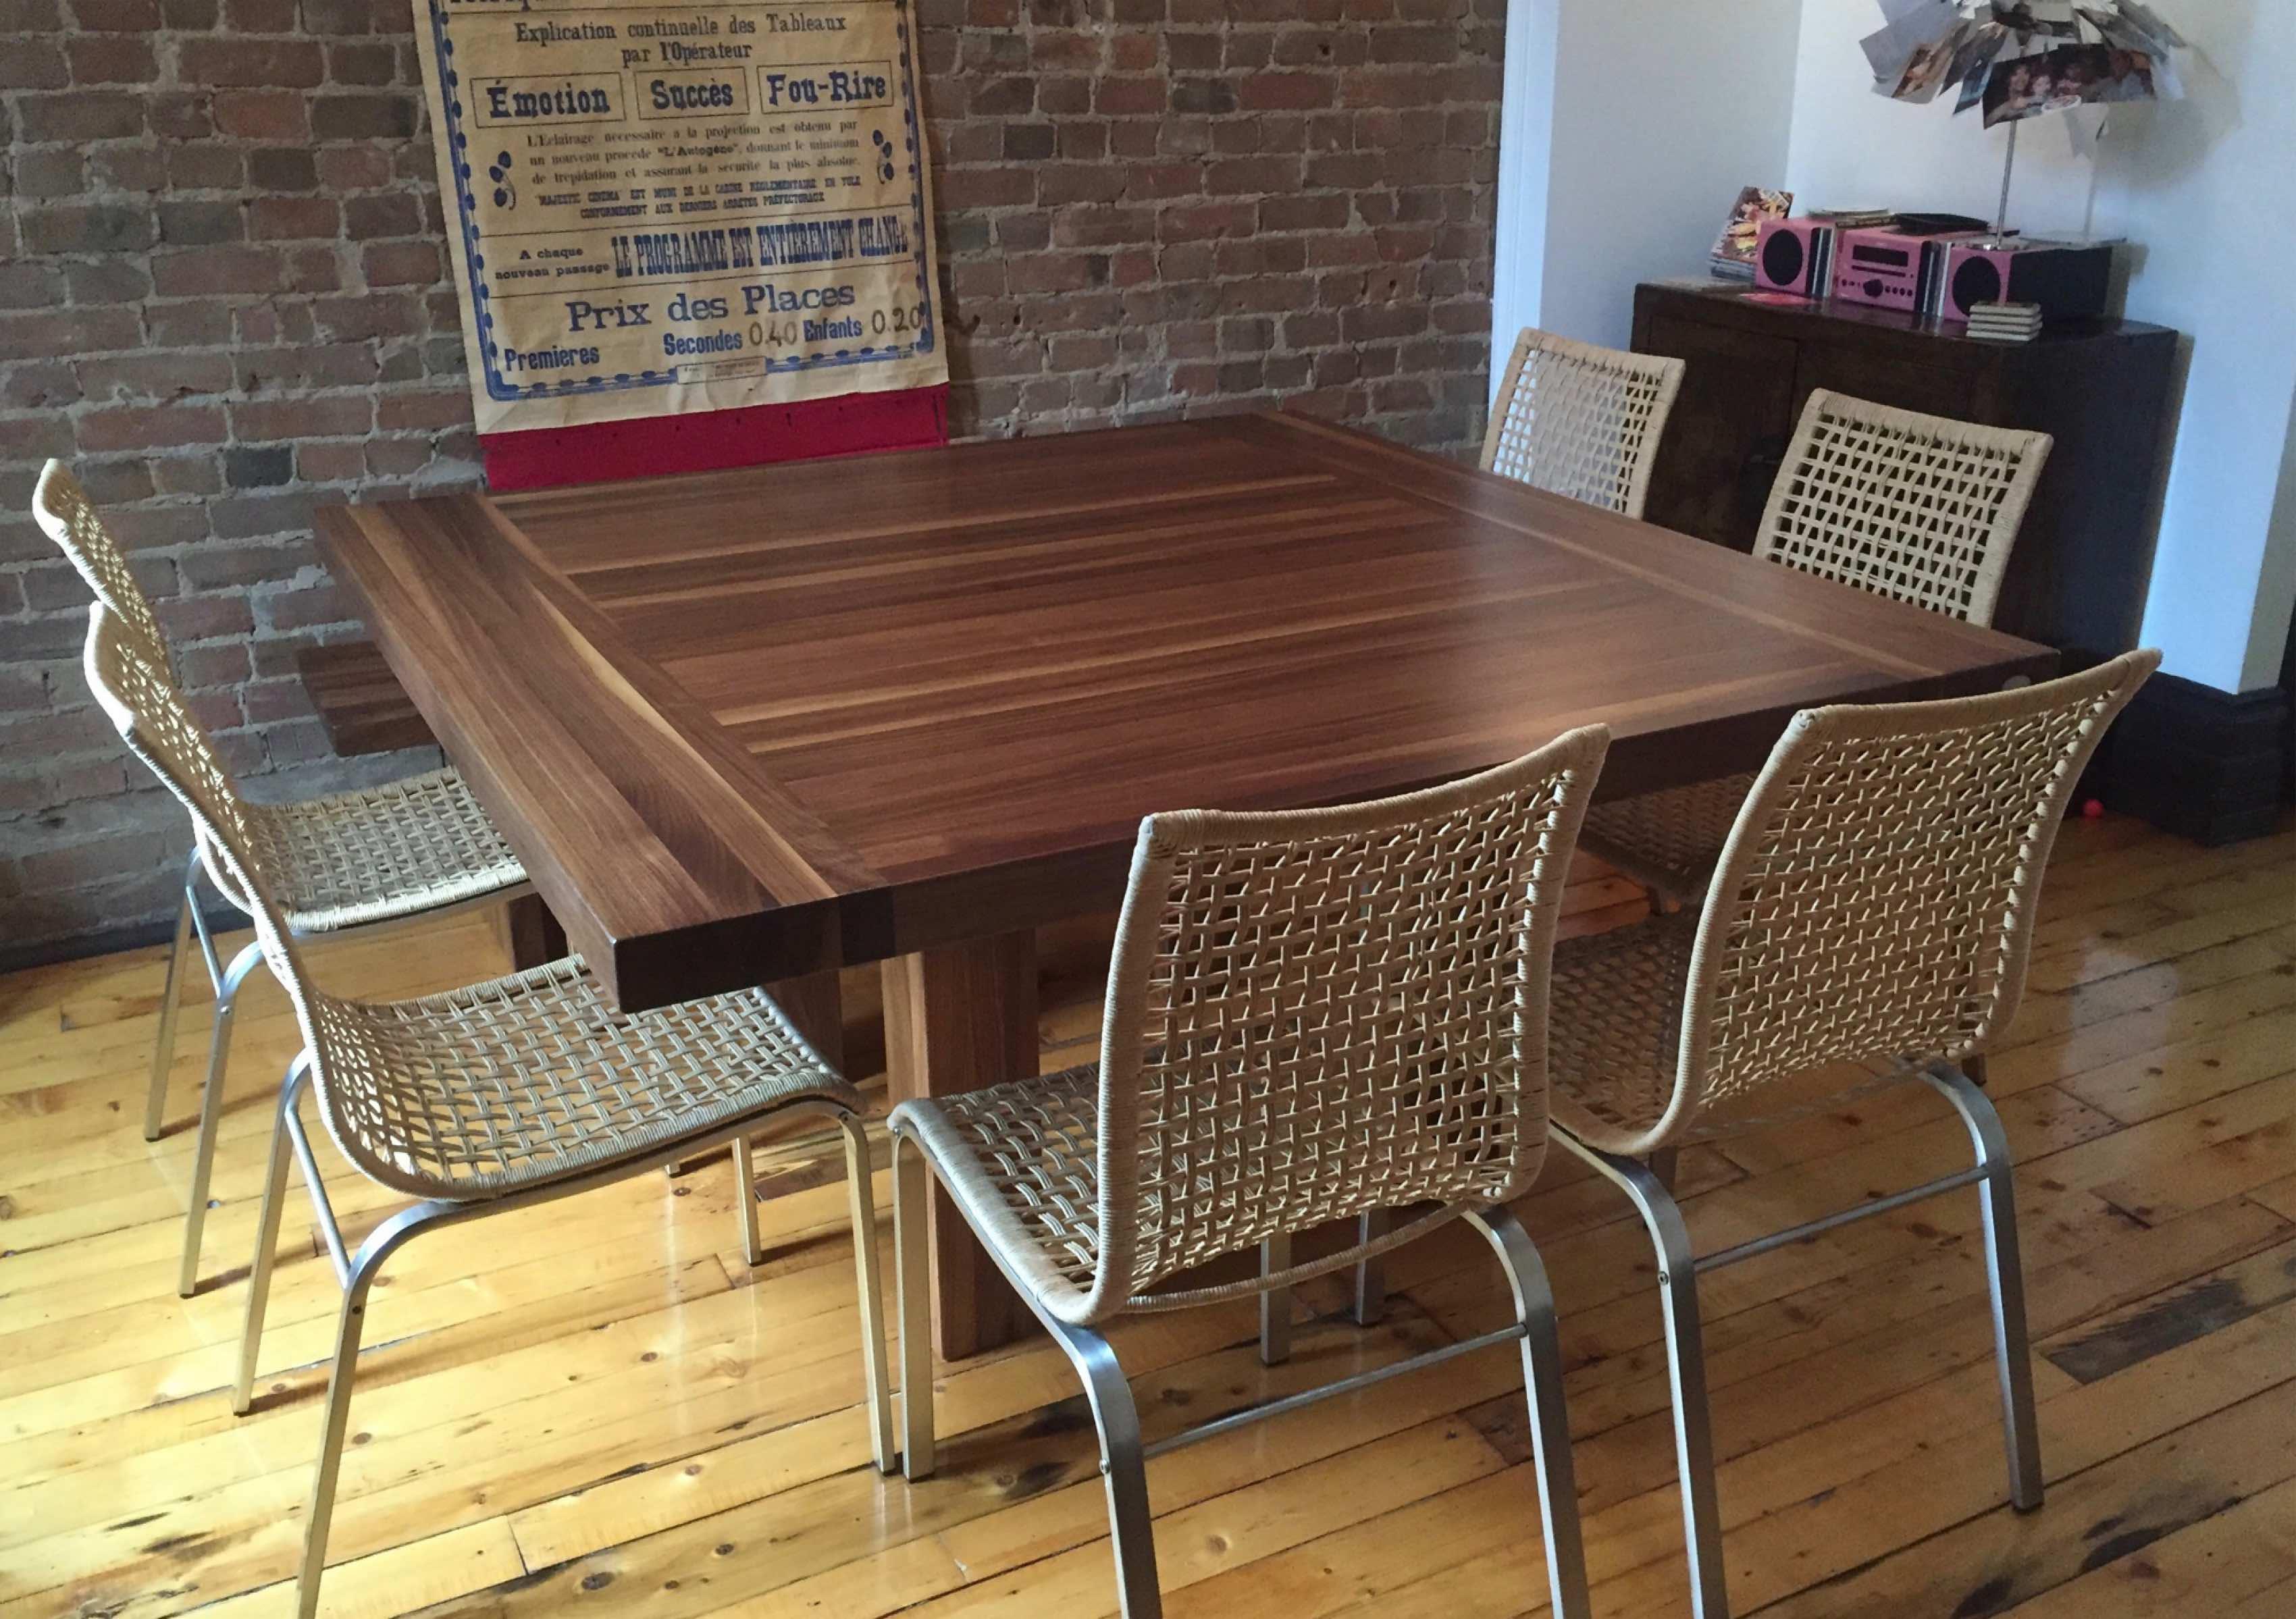 Table Banc De Cuisine table en bois, comptoir, bloc de boucher et ilôt de cuisine